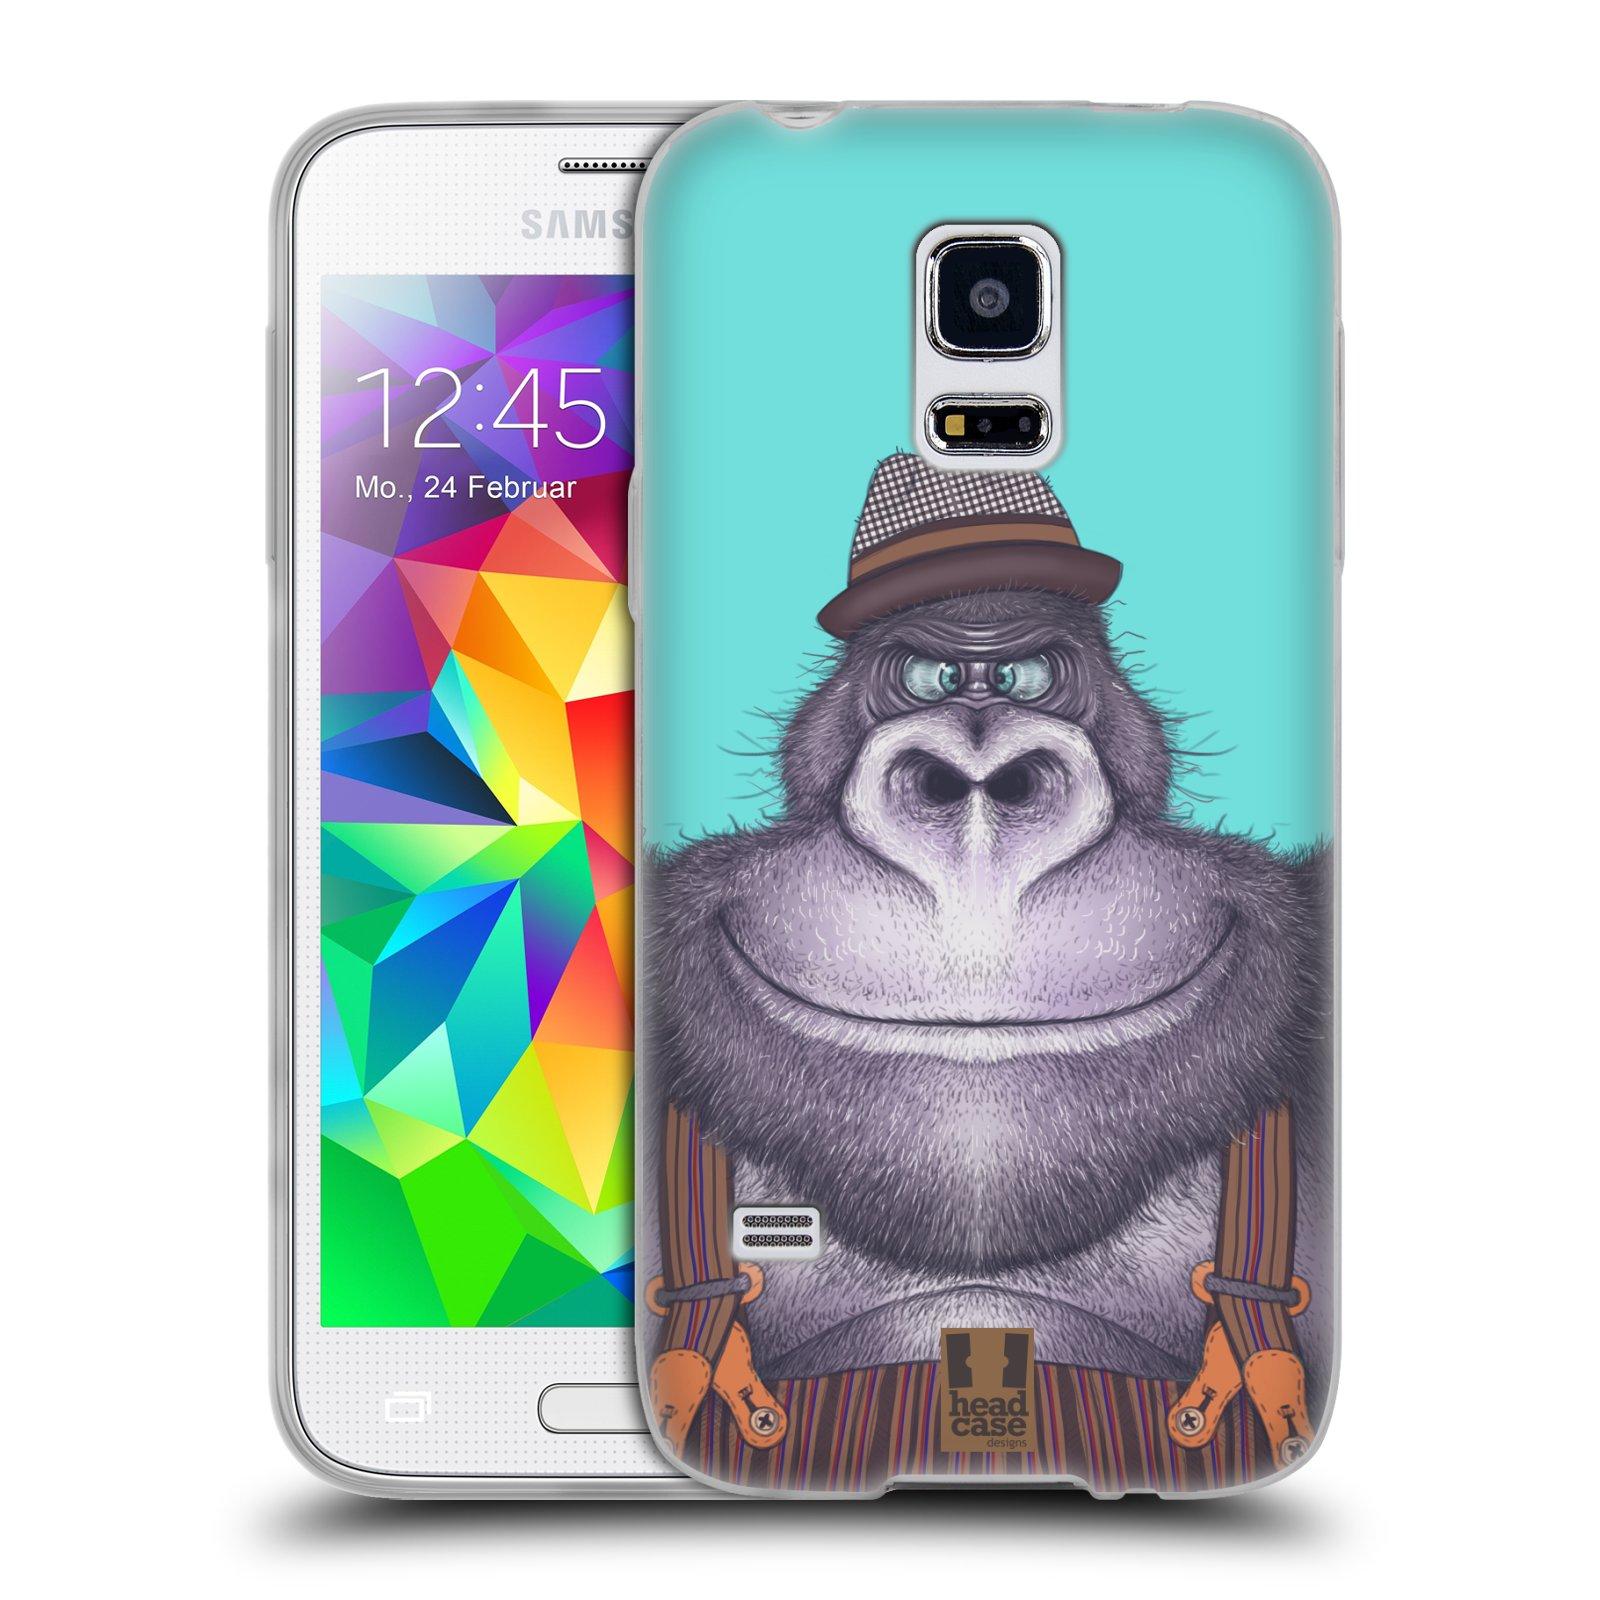 HEAD CASE silikonový obal na mobil Samsung Galaxy S5 MINI vzor Kreslená zvířátka gorila